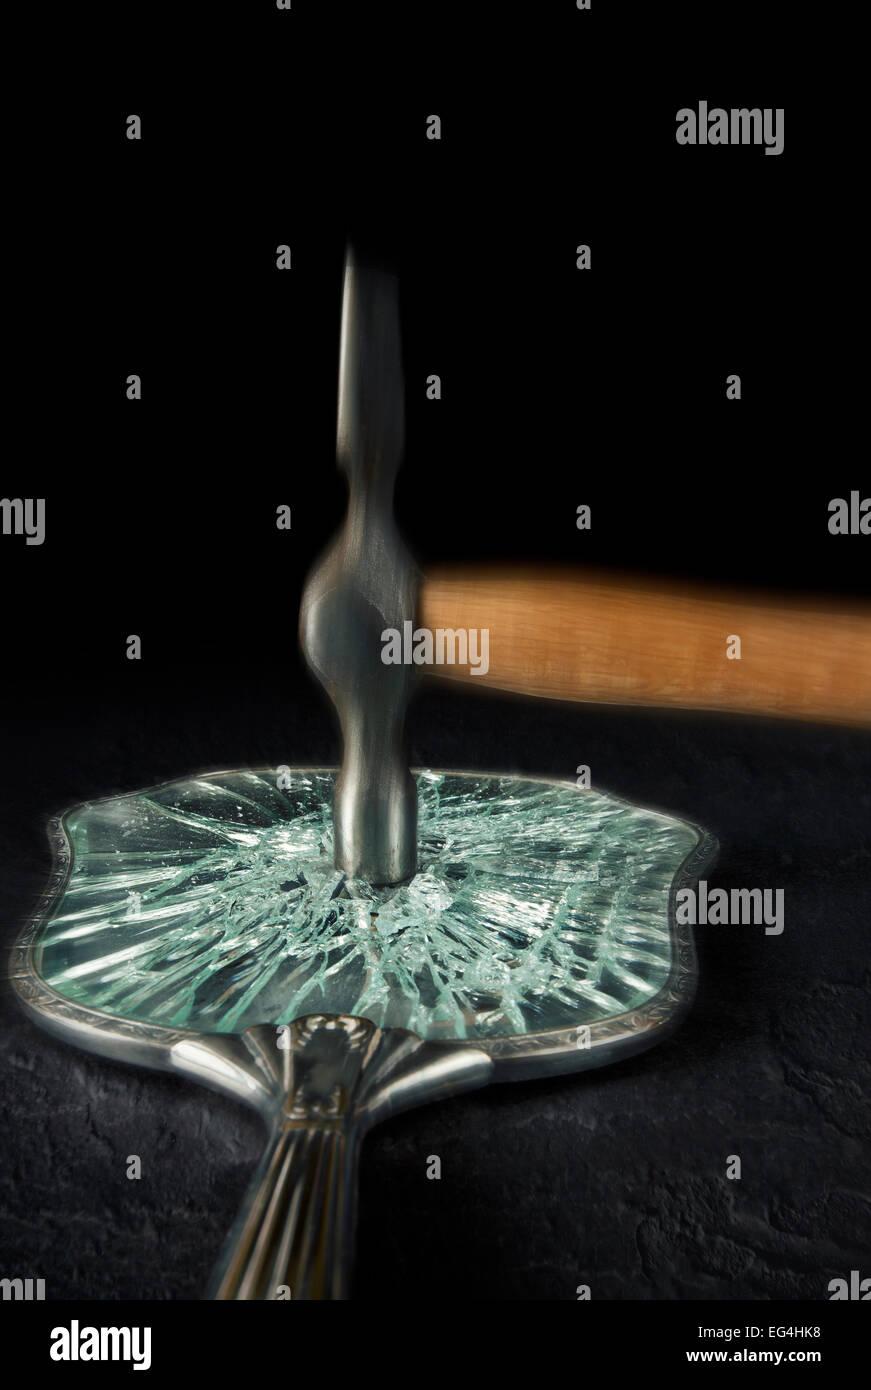 D'un marteau cassant une coiffeuse. Photo Stock